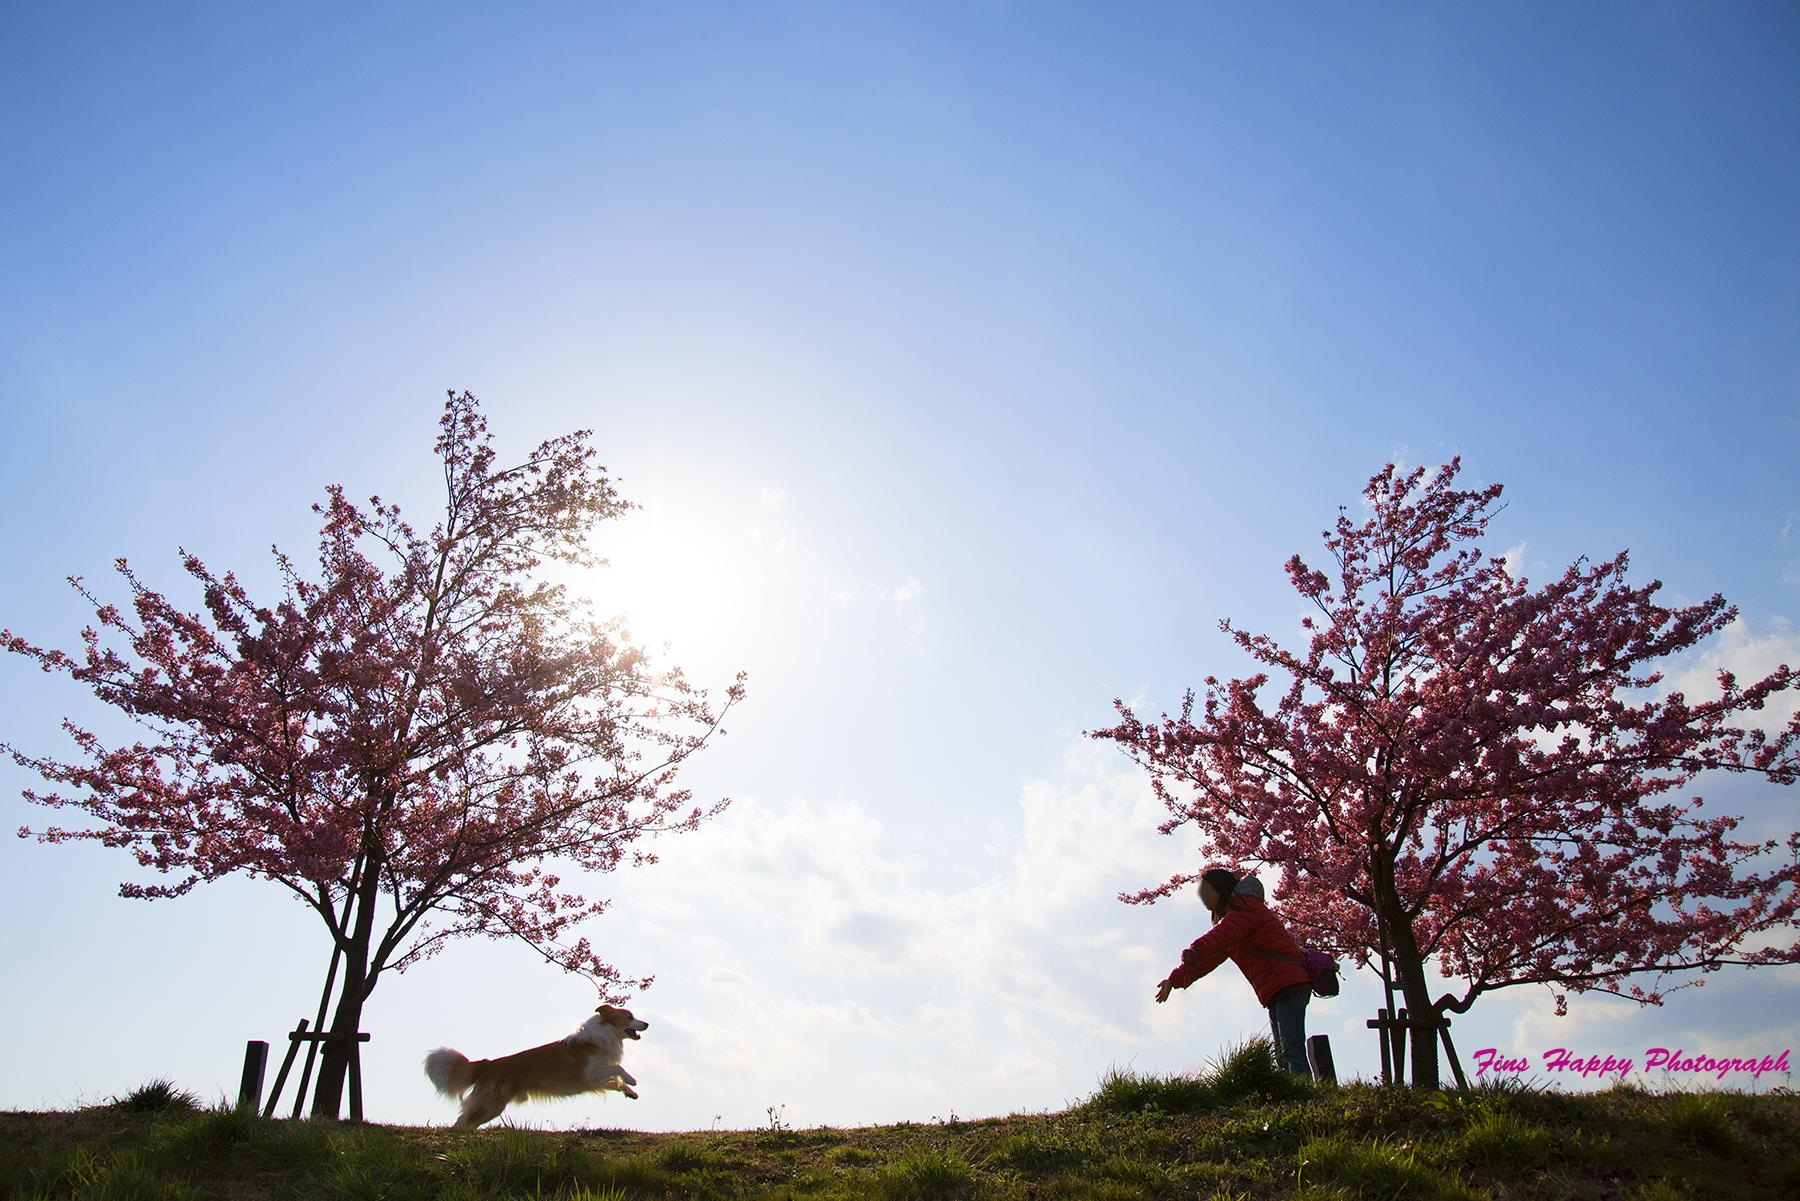 桜を背景に家族写真を無料でお撮りしますよ~企画です!